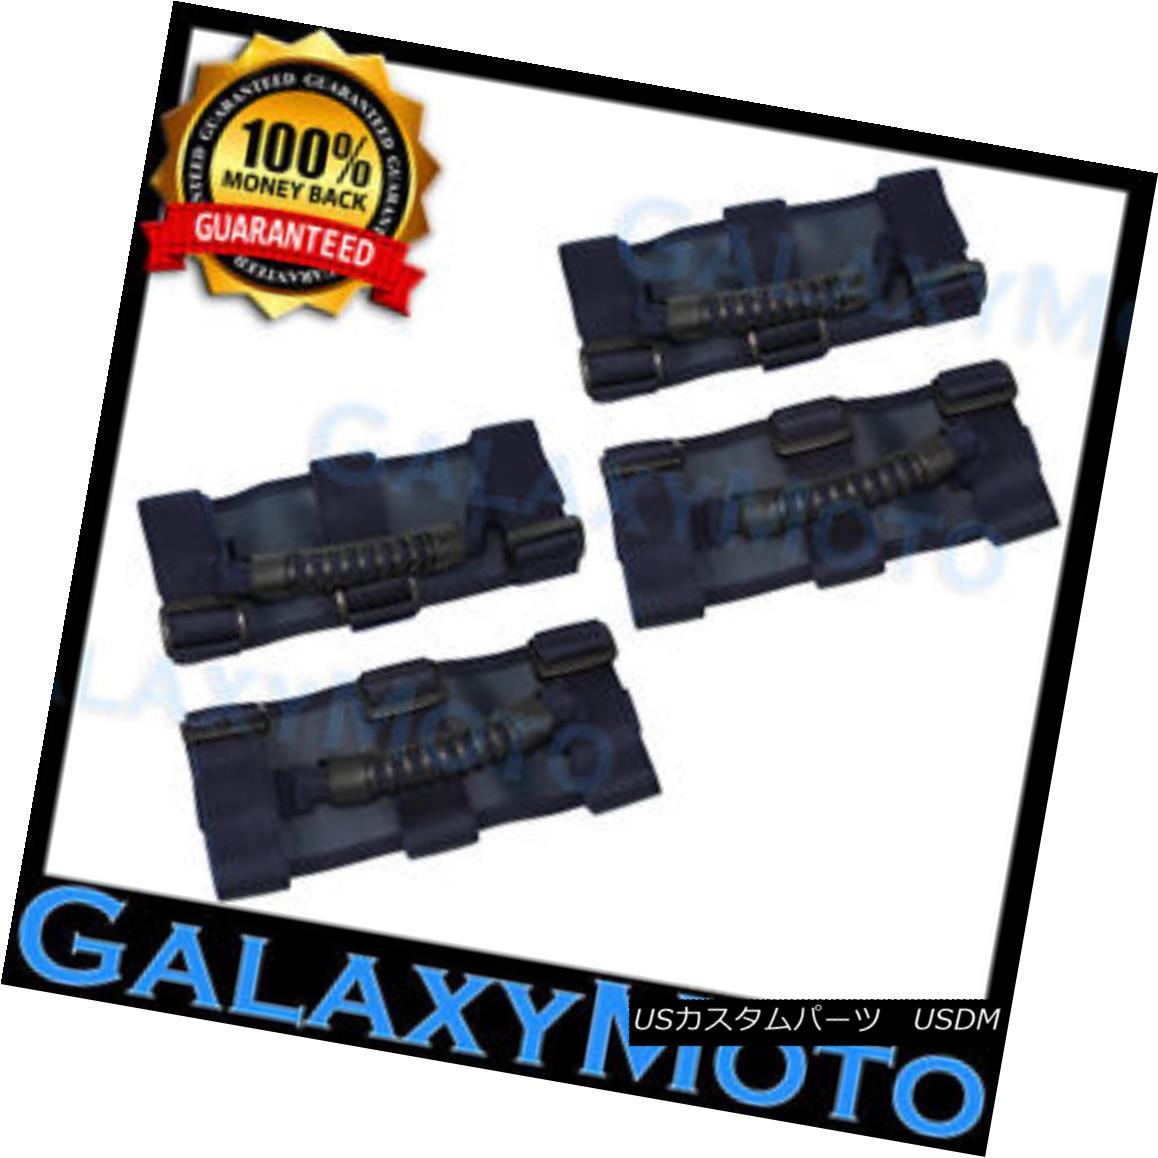 グリル Deluxe Extreme 4pcs BLUE Roll Bar Grab Handle fit 87-16 Jeep Wrangler JK TJ YJ C デラックスエクストリーム4個入りブルーロールバーグラブハンドルフィット87-16ジープラングラーJK TJ YJ C